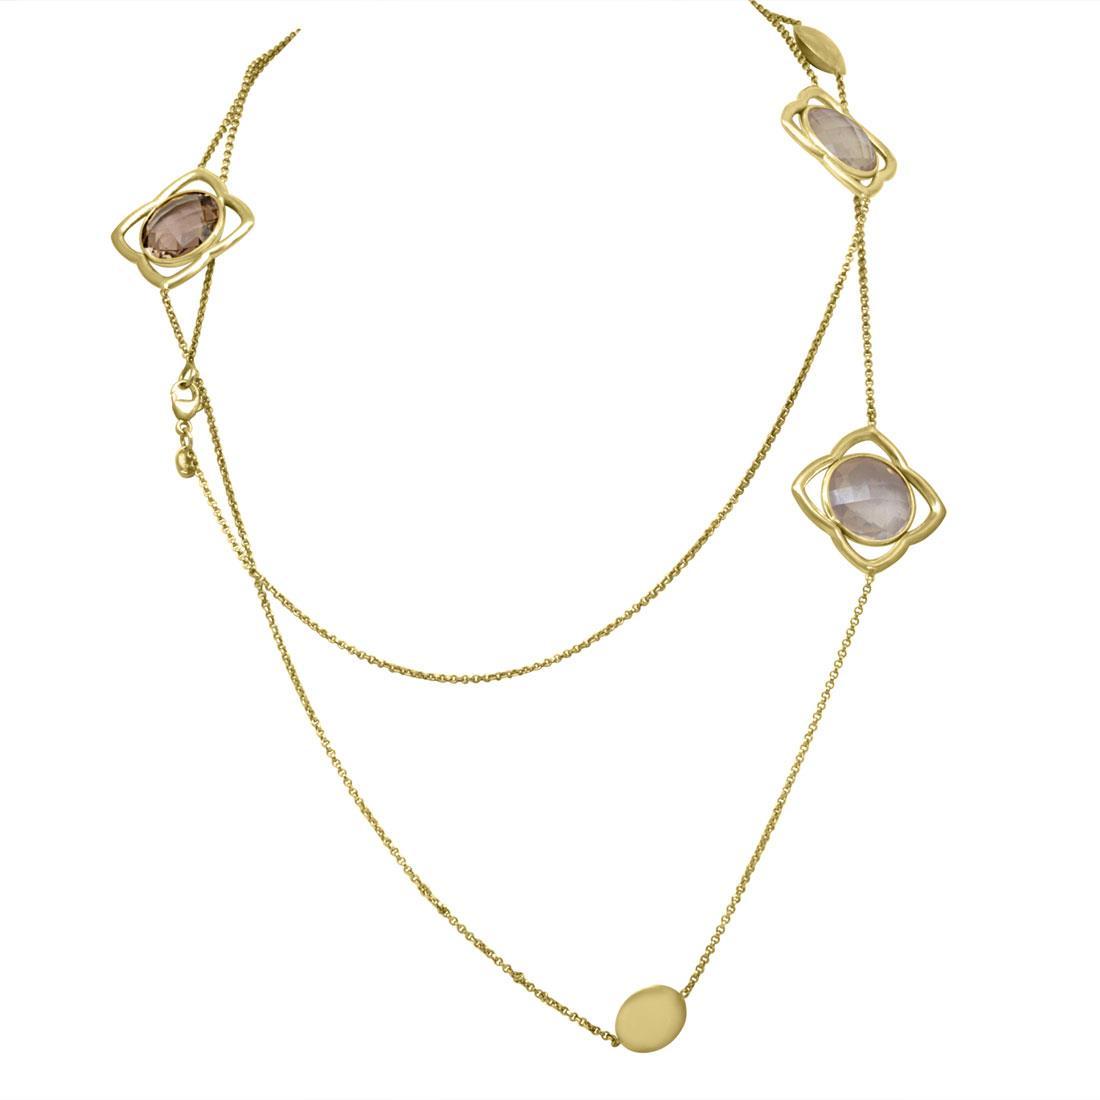 Collana in argento dorato con pietre viola - ZOCCAI